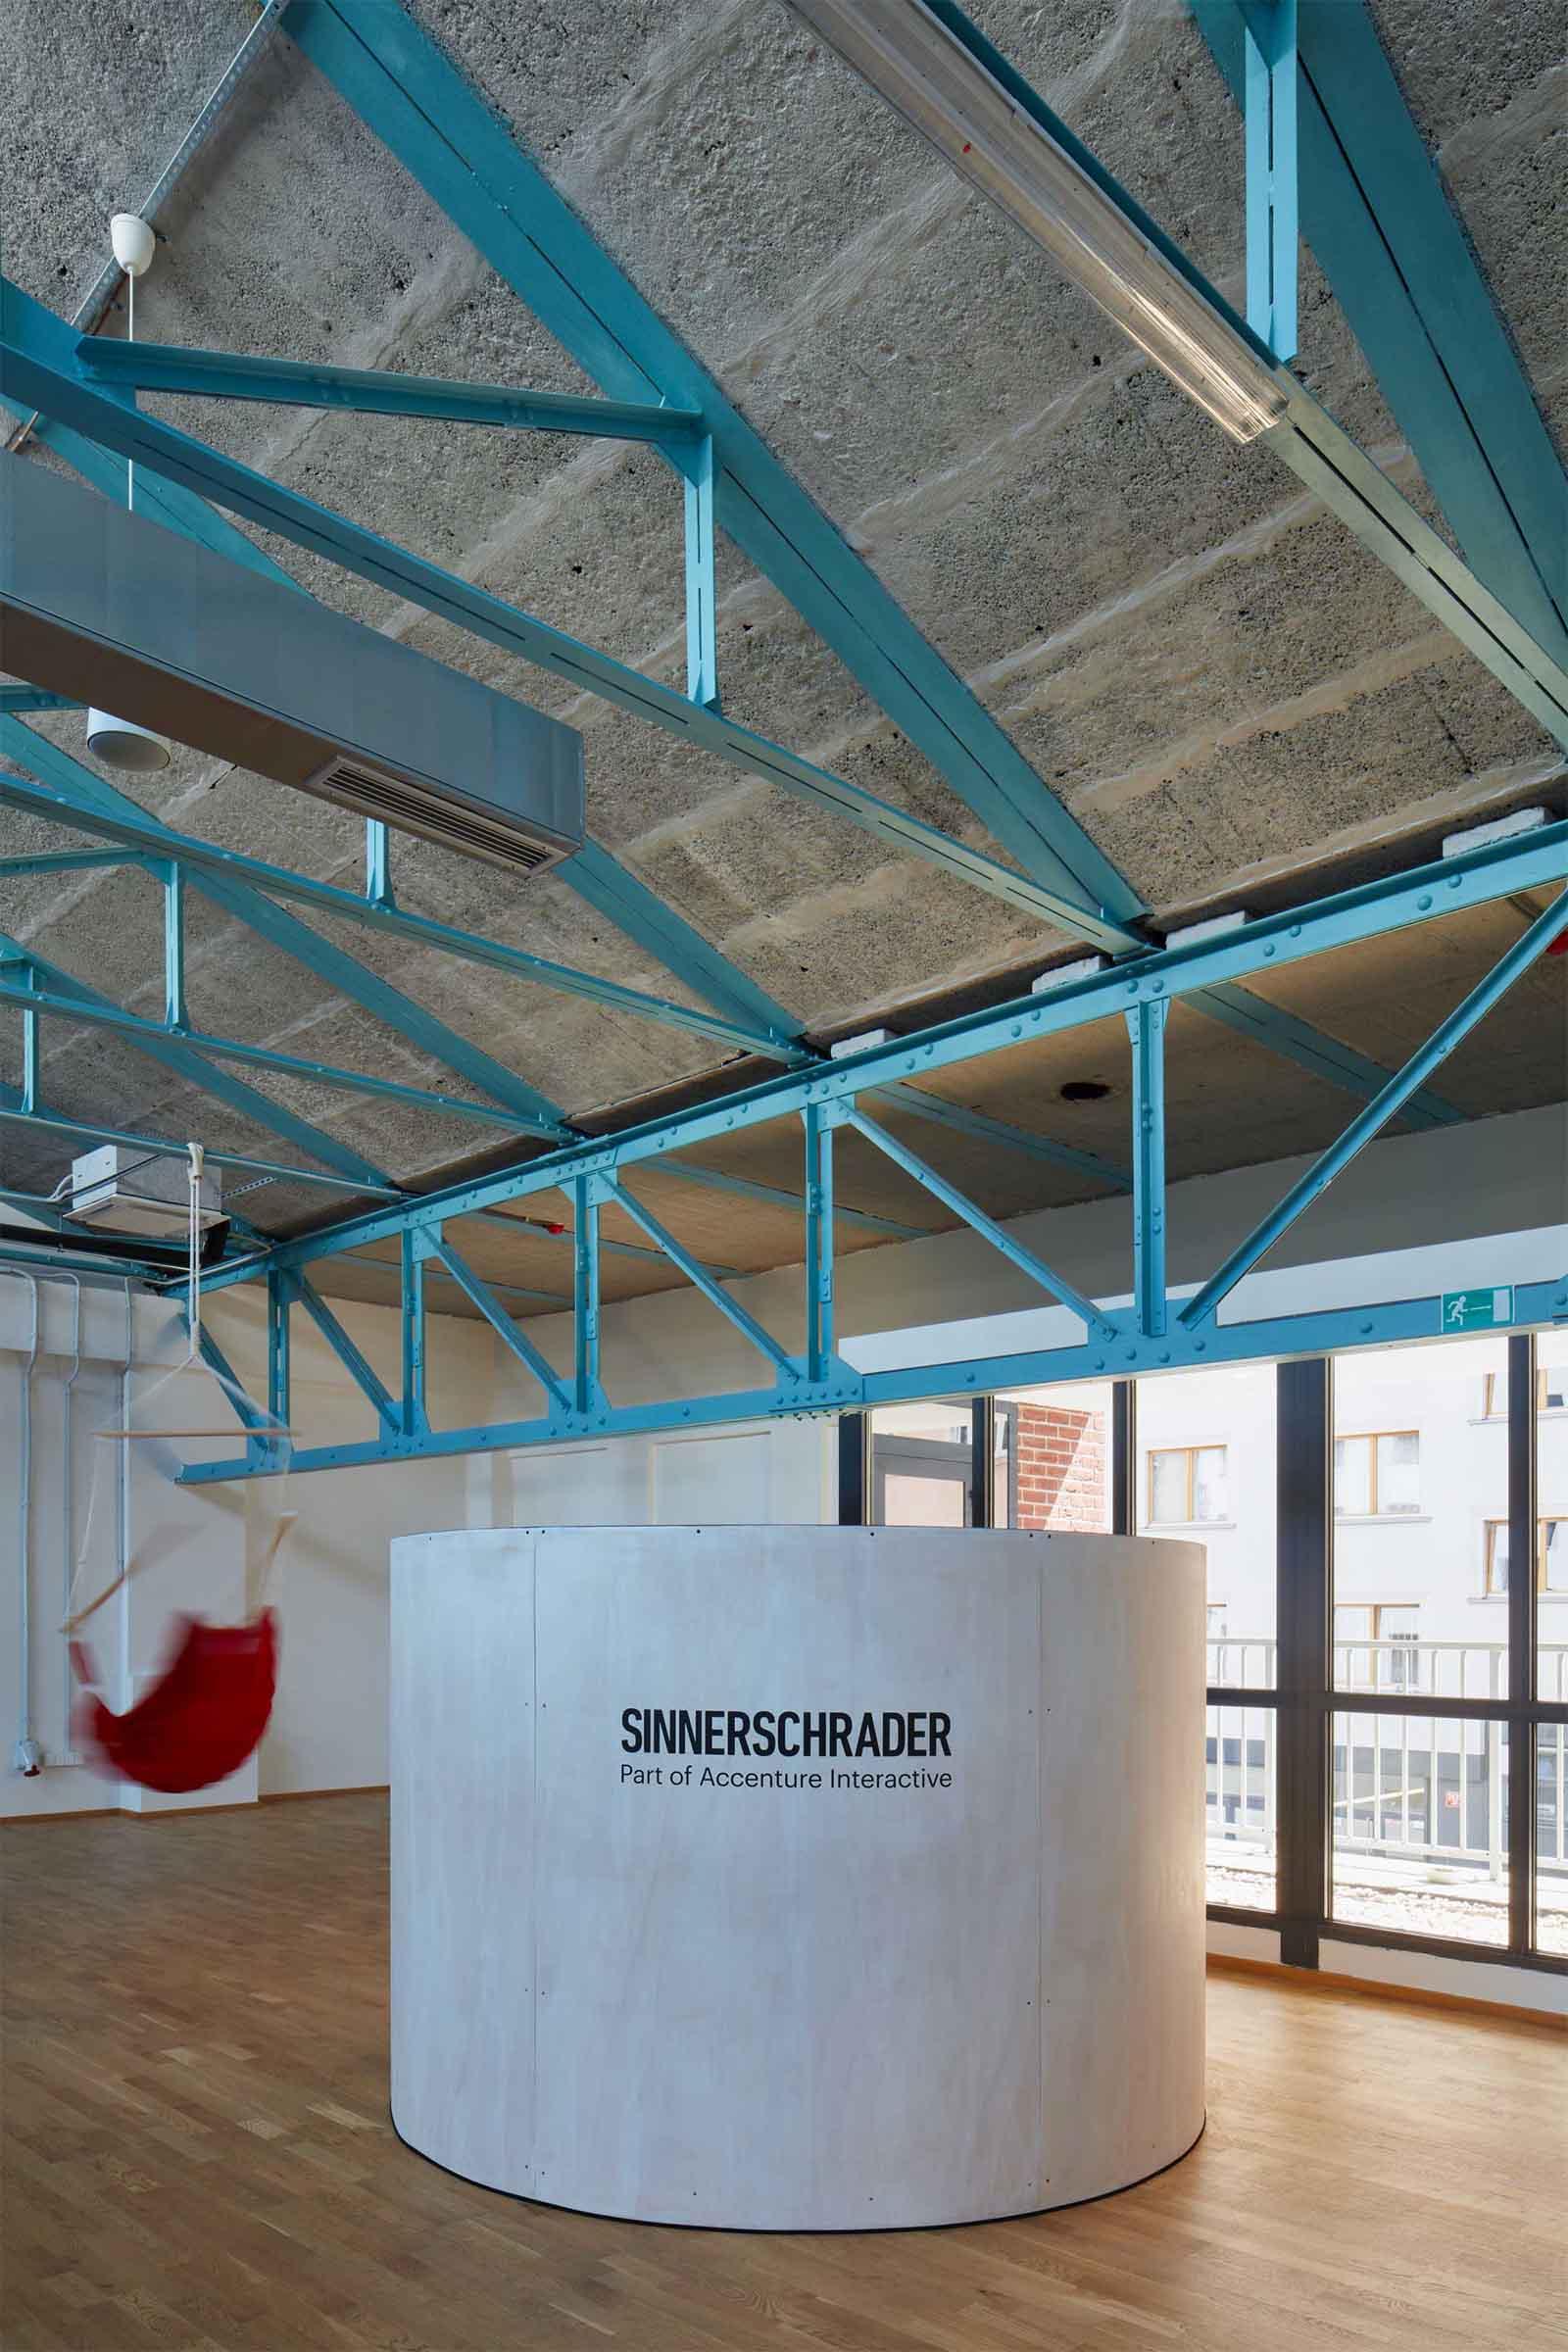 Kanceláře Sinnerschrader Praha - meeting box pro malou skupinku navržený na míru potřebám společnosti. Autor: Kurz architekti